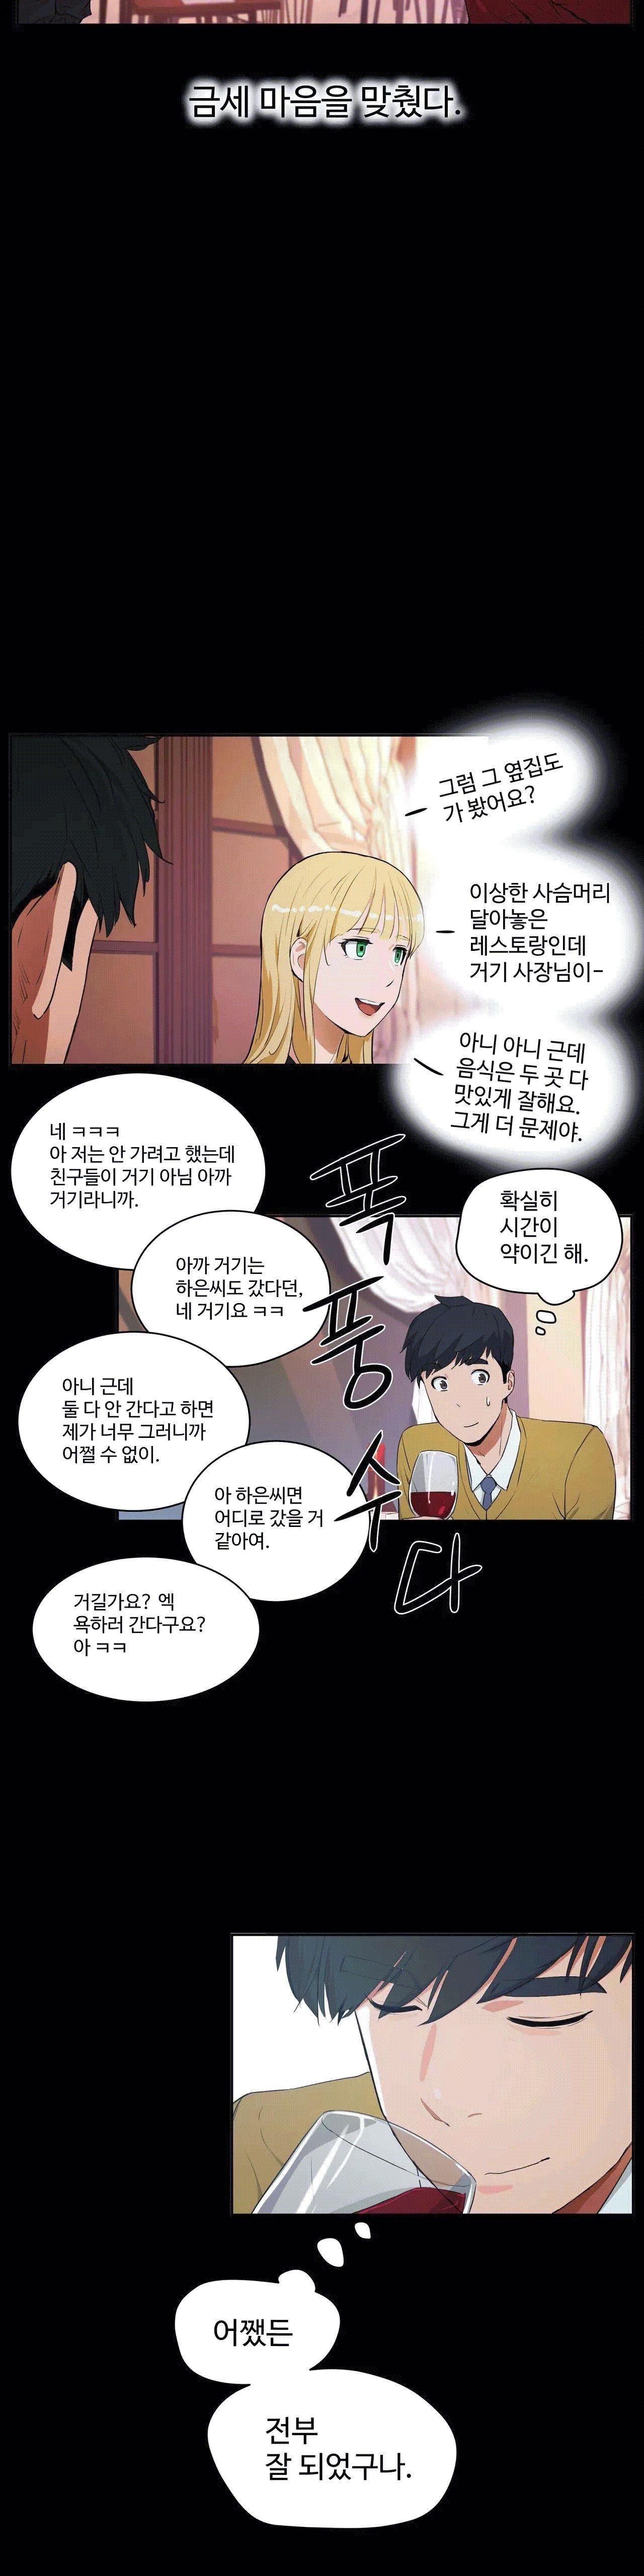 性教育 1-48.5 中文翻译(完結) 446